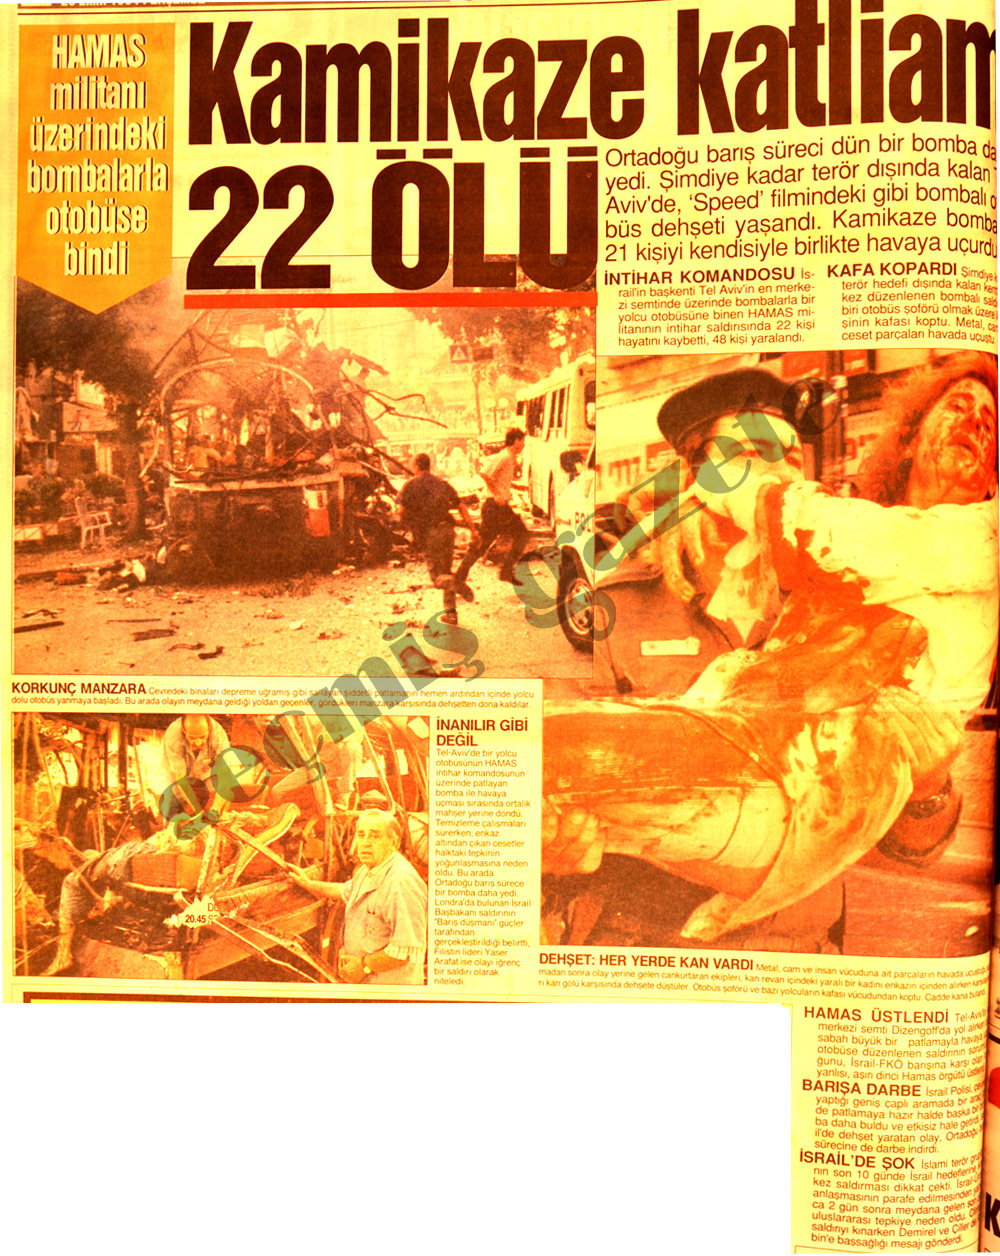 Kamikaze katliamı 22 ölü